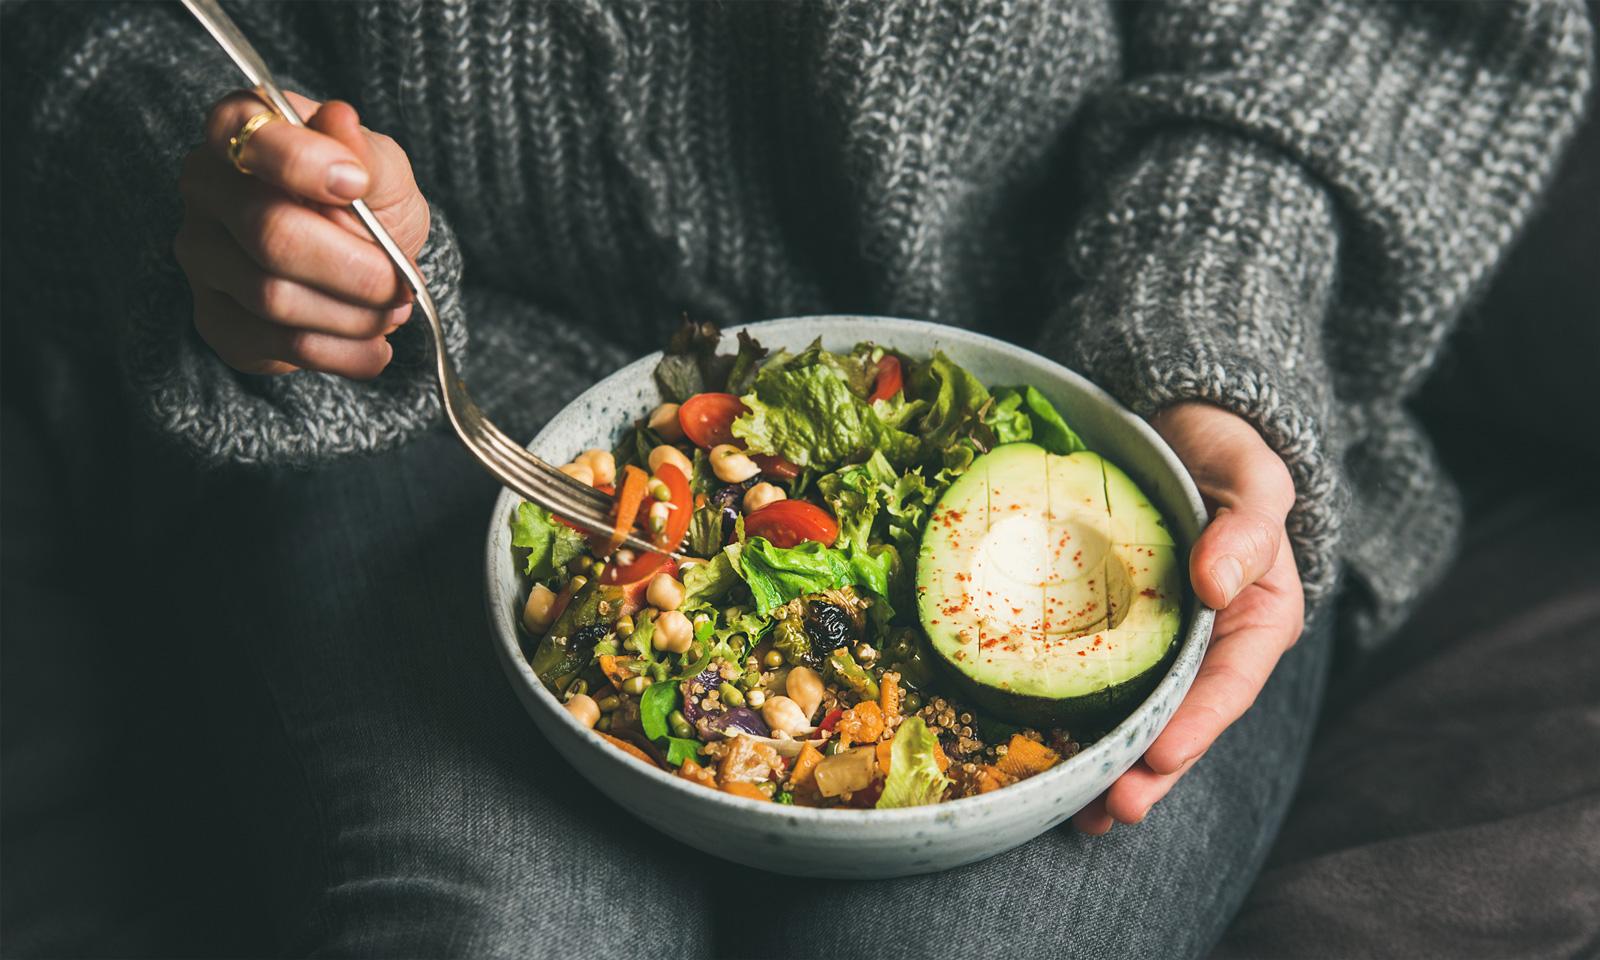 Beugt Nährstoffmangel vor: abwechslungsreiche Ernährung mit viel Gemüse, Obst und Salat